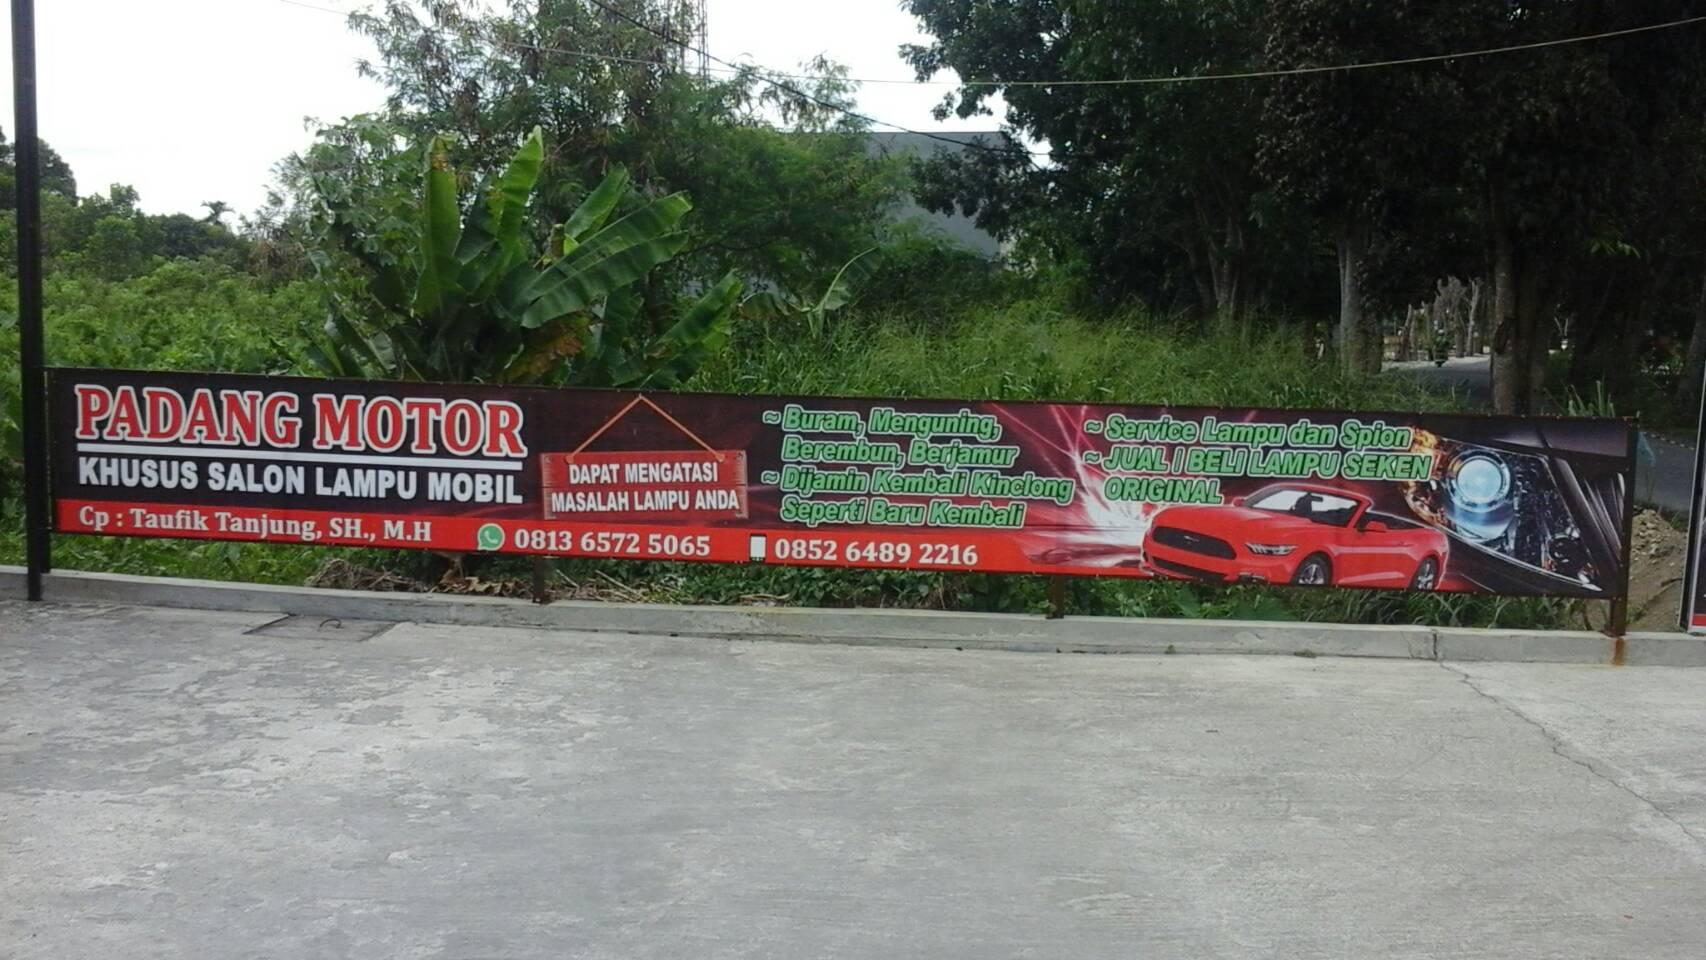 4755 - Padang motor - Salon Lampu Padang Motor